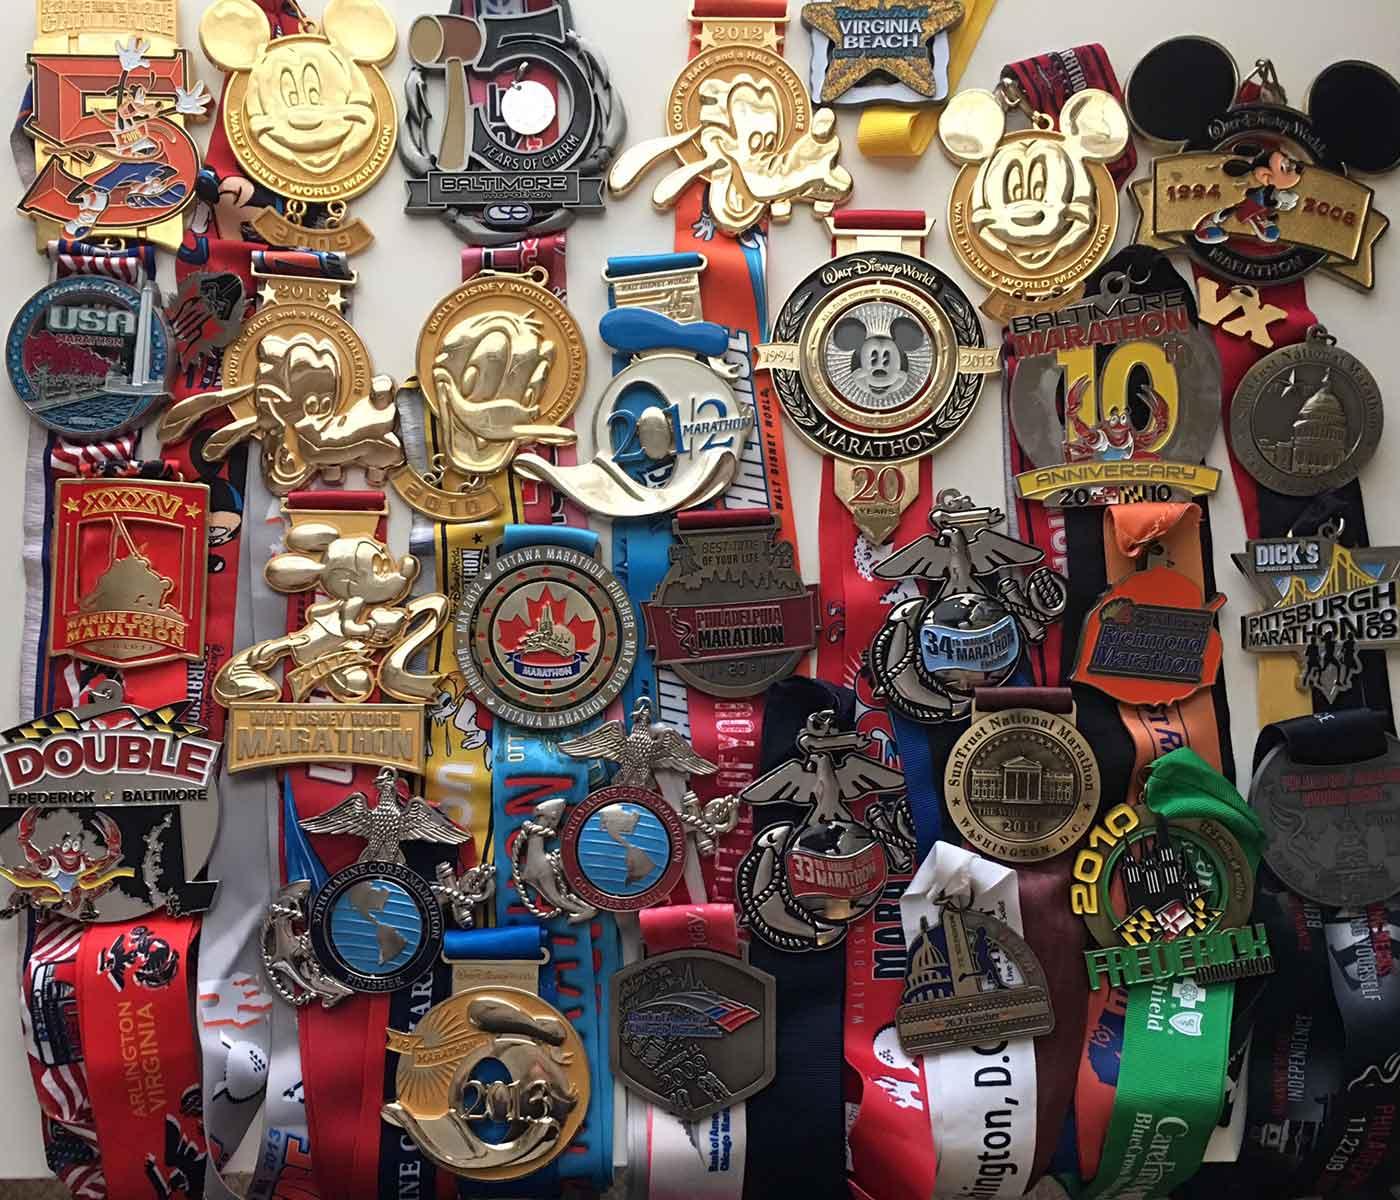 marathon, half marathon, and goofy medals